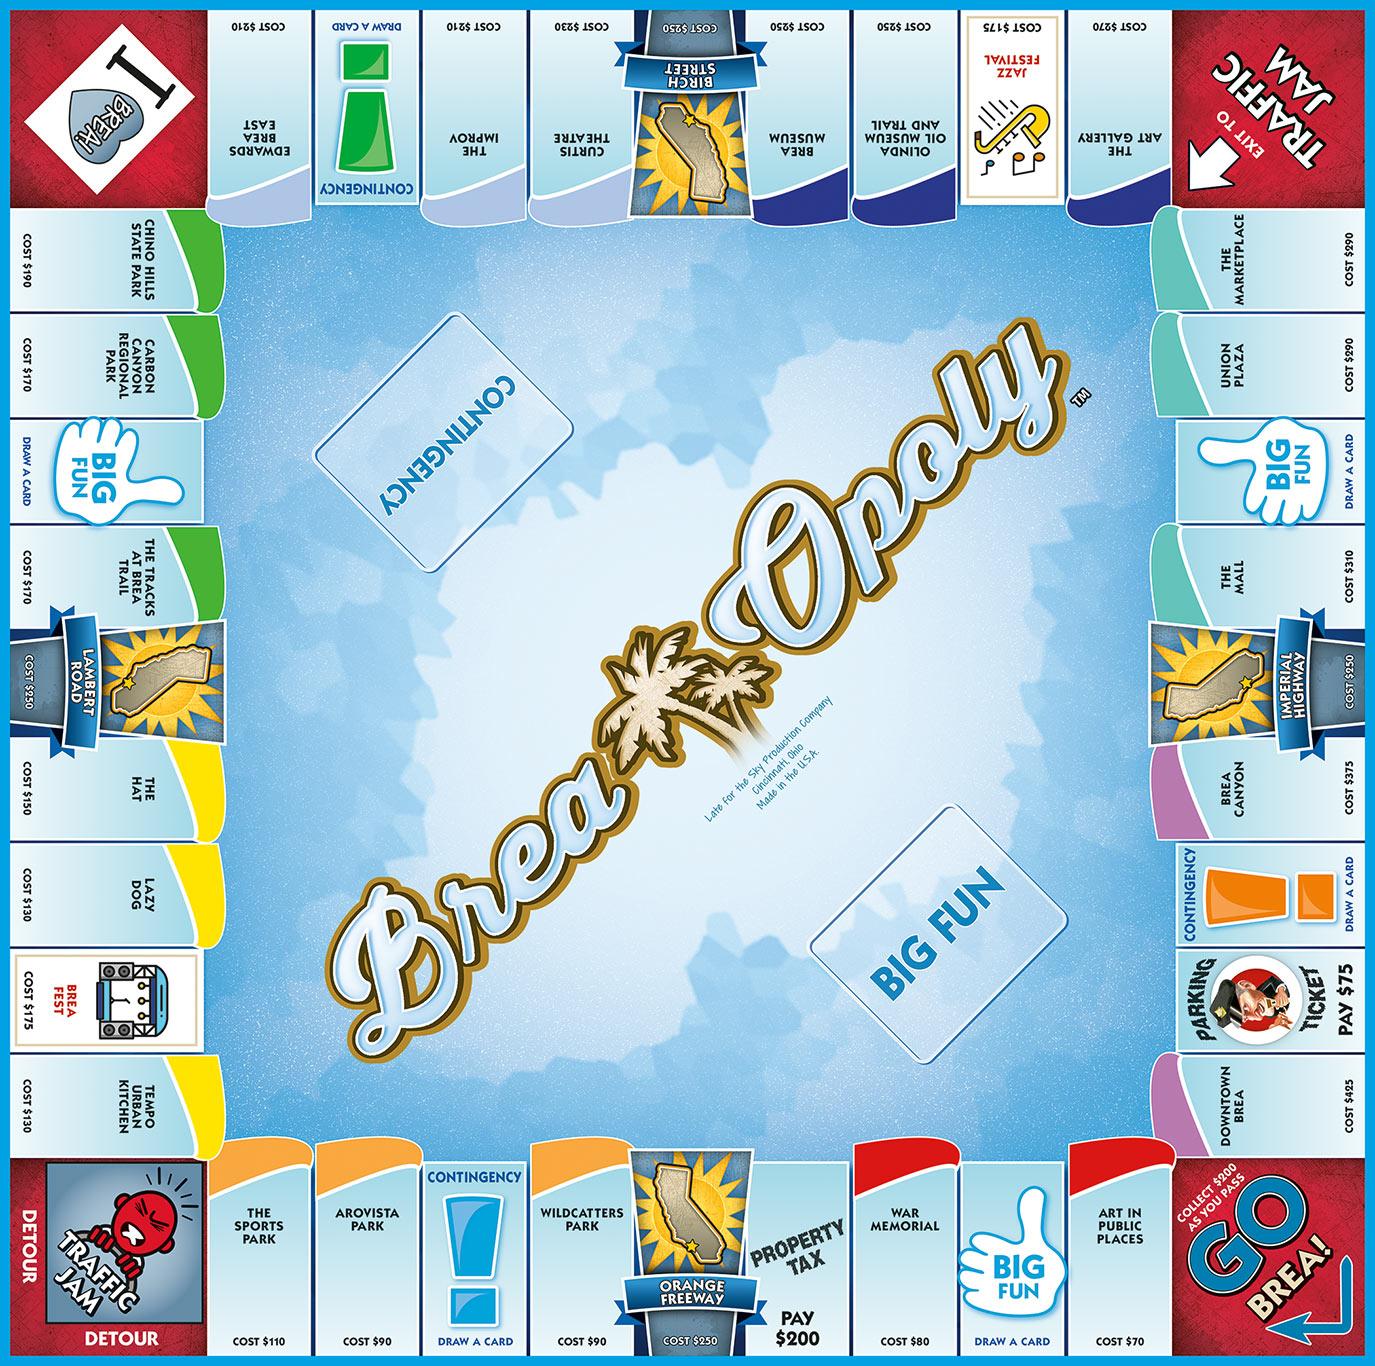 BREA-OPOLY Board Game